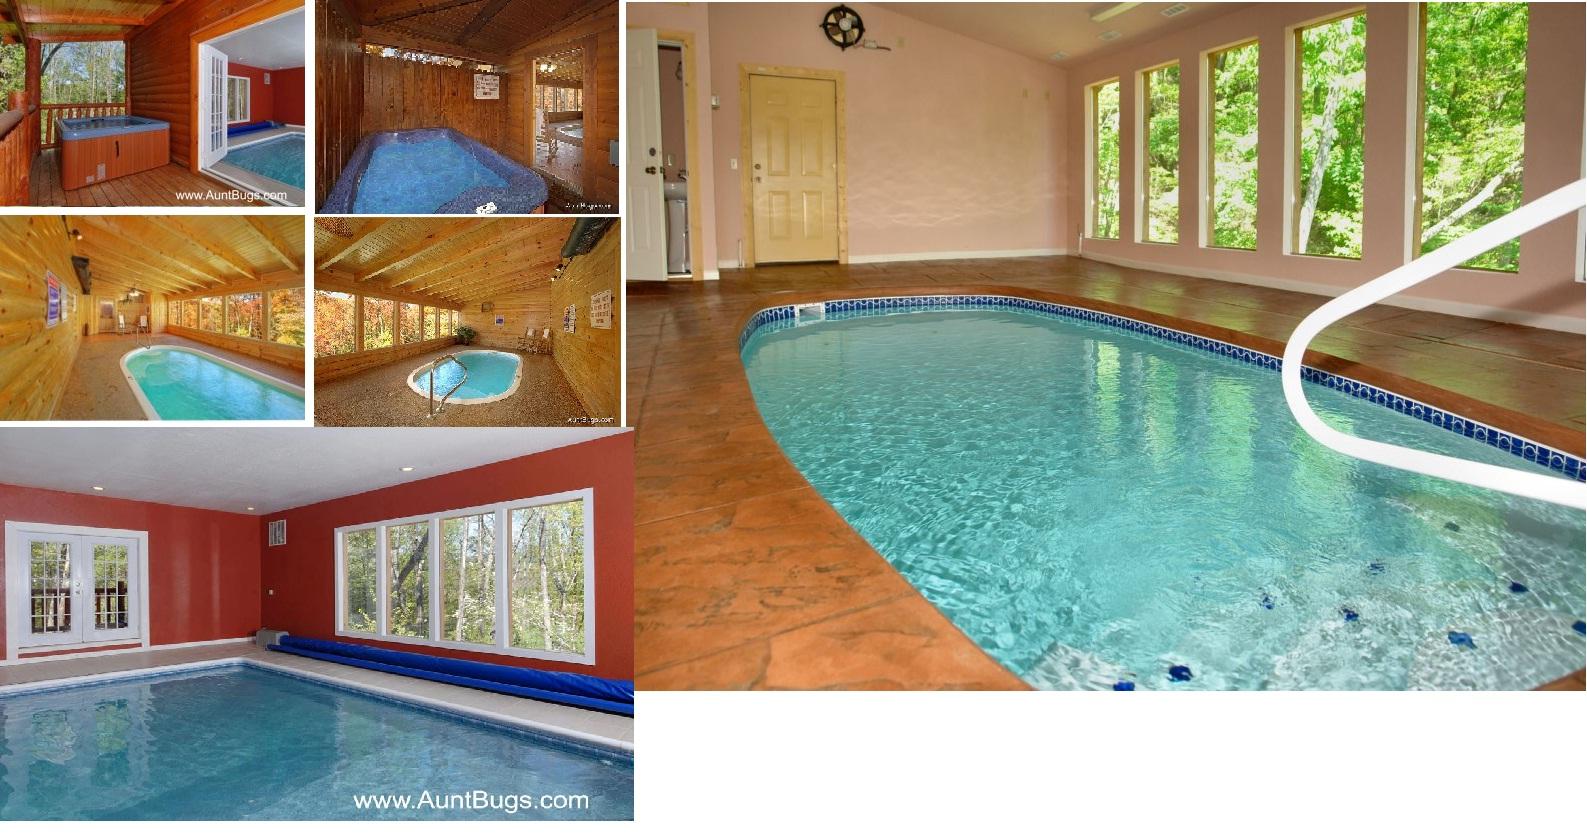 Casas con piscina interior piscina interior casas con - Casas con piscina interior ...